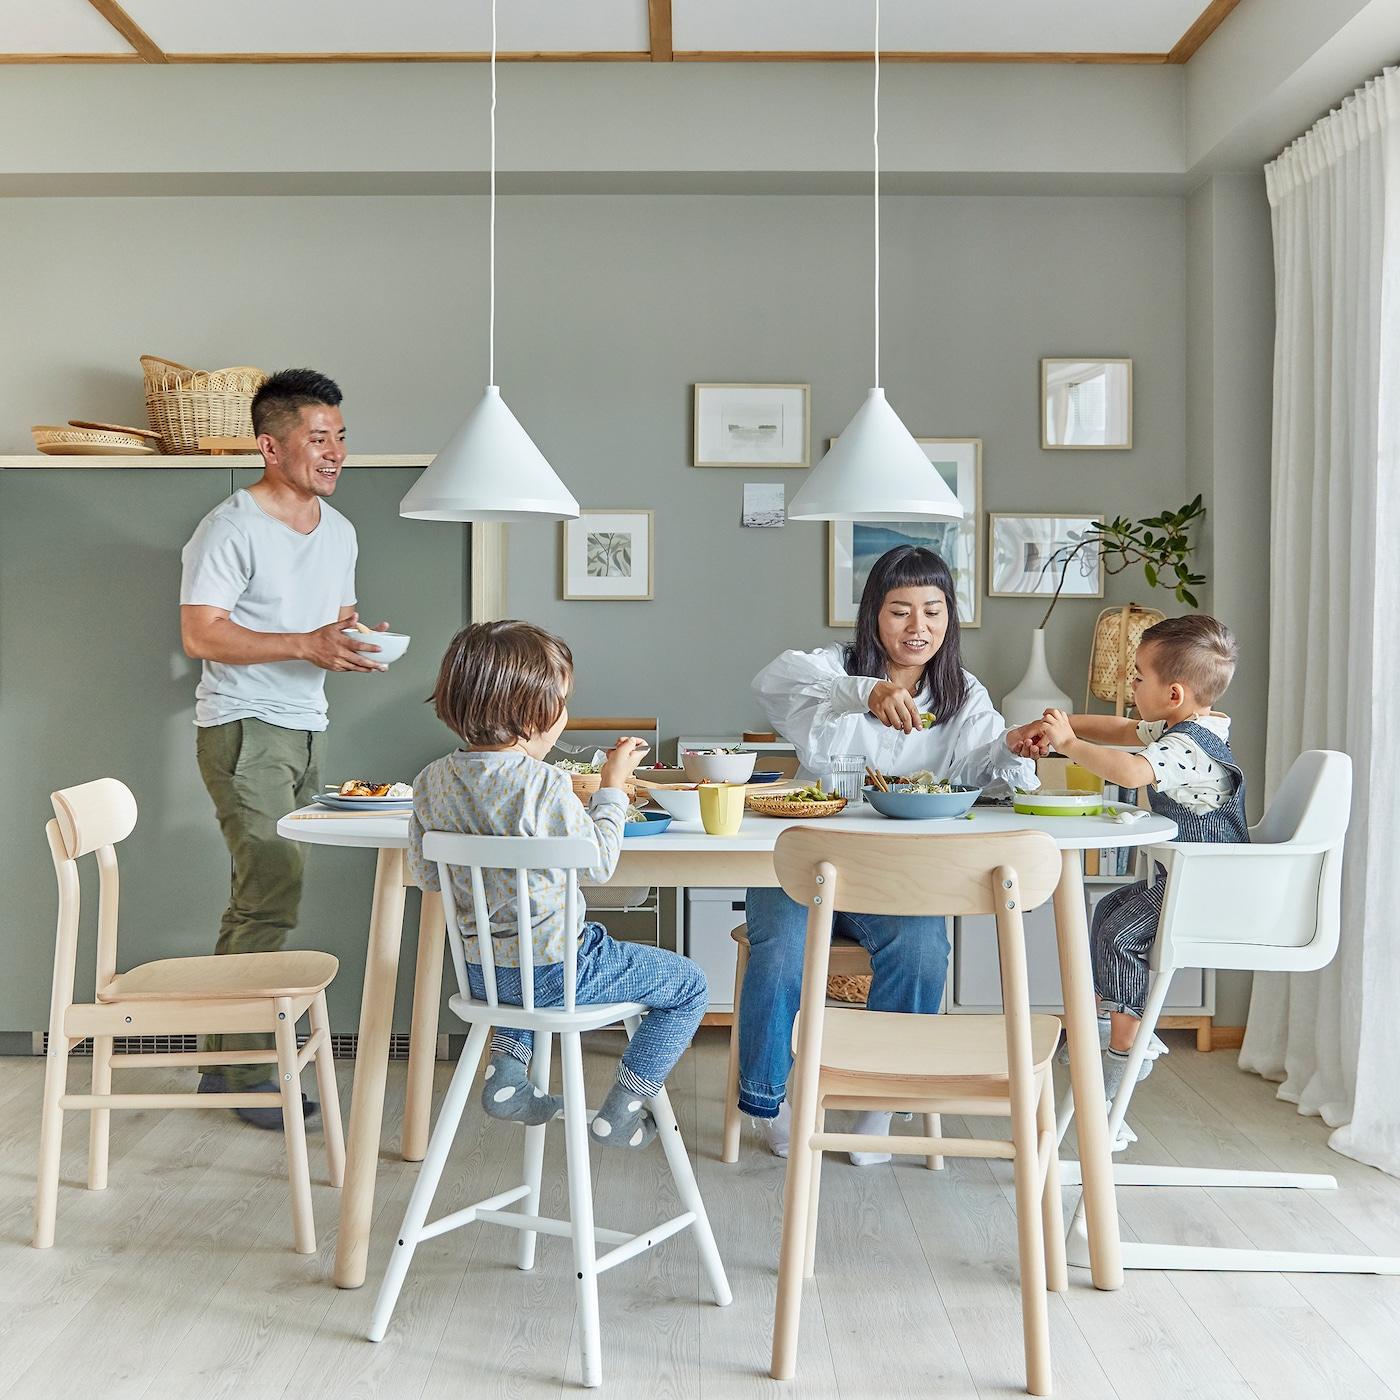 Idées Pour L'aménagement De Ta Salle À Manger - Ikea Suisse intérieur Tables Salle À Manger Ikea